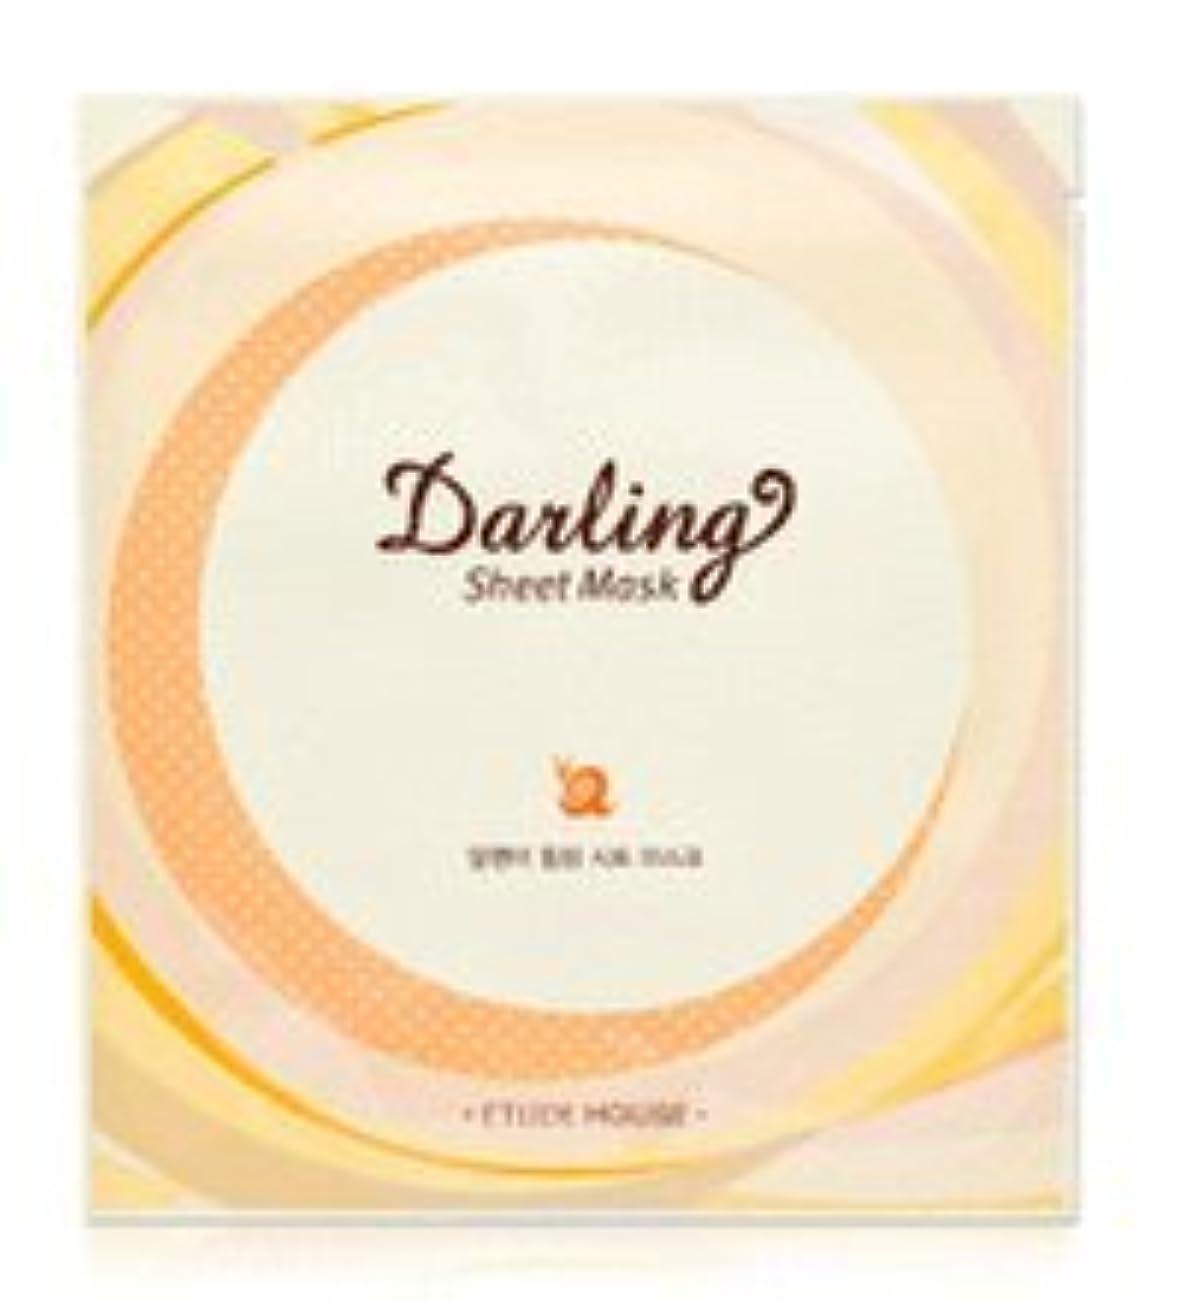 手足約解任エチュードハウス ダーリン かたつむり ヒーリング シート マスク 25g 1枚 Etudehouse Darling Sheet Mask